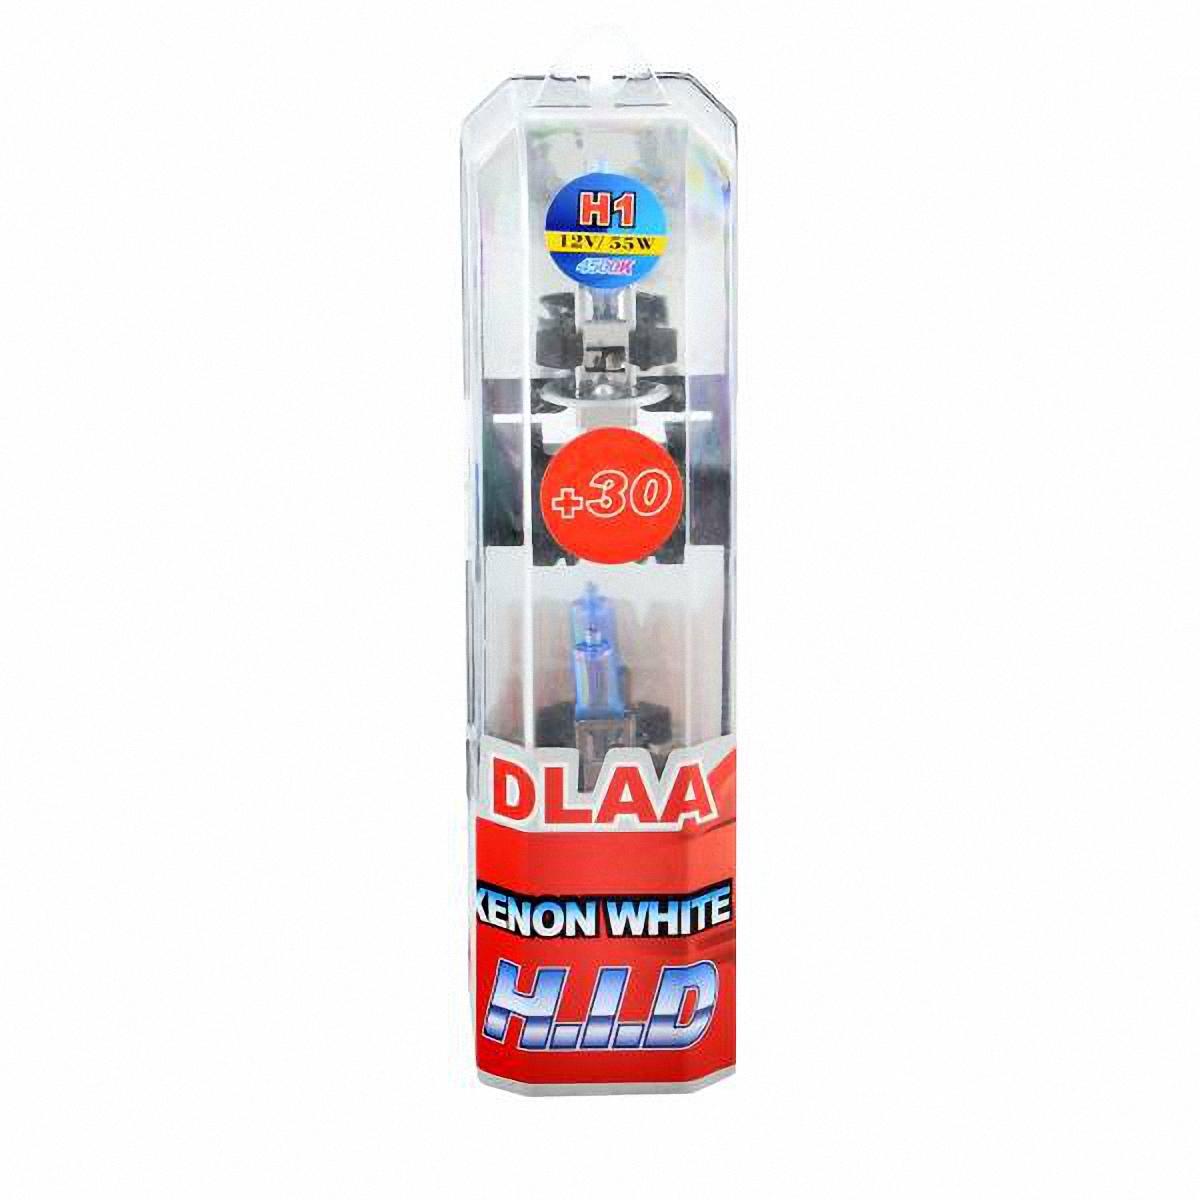 Skyway Автолампа H1 1-конт XENON WHITE+30. H1-12V55W-P BH1-12V55W-P BГалогеновые лампы XENON WHITE+30 4500K под ксенон представляют собой очень яркие лампы, имитирующие свет ксенона. Достигается это за счет специального напыления на газонаполненные лампы, а точнее на колбы, в которые под высоким давлением закачан газ. Данные галогеновые лампы не создают неудобств водителям встречных автотранспортных средств, не превышают допустимую нагрузку на бортовую сеть автомобиля, безопасны и долговечны и отвечают всем без исключения стандартам качества.